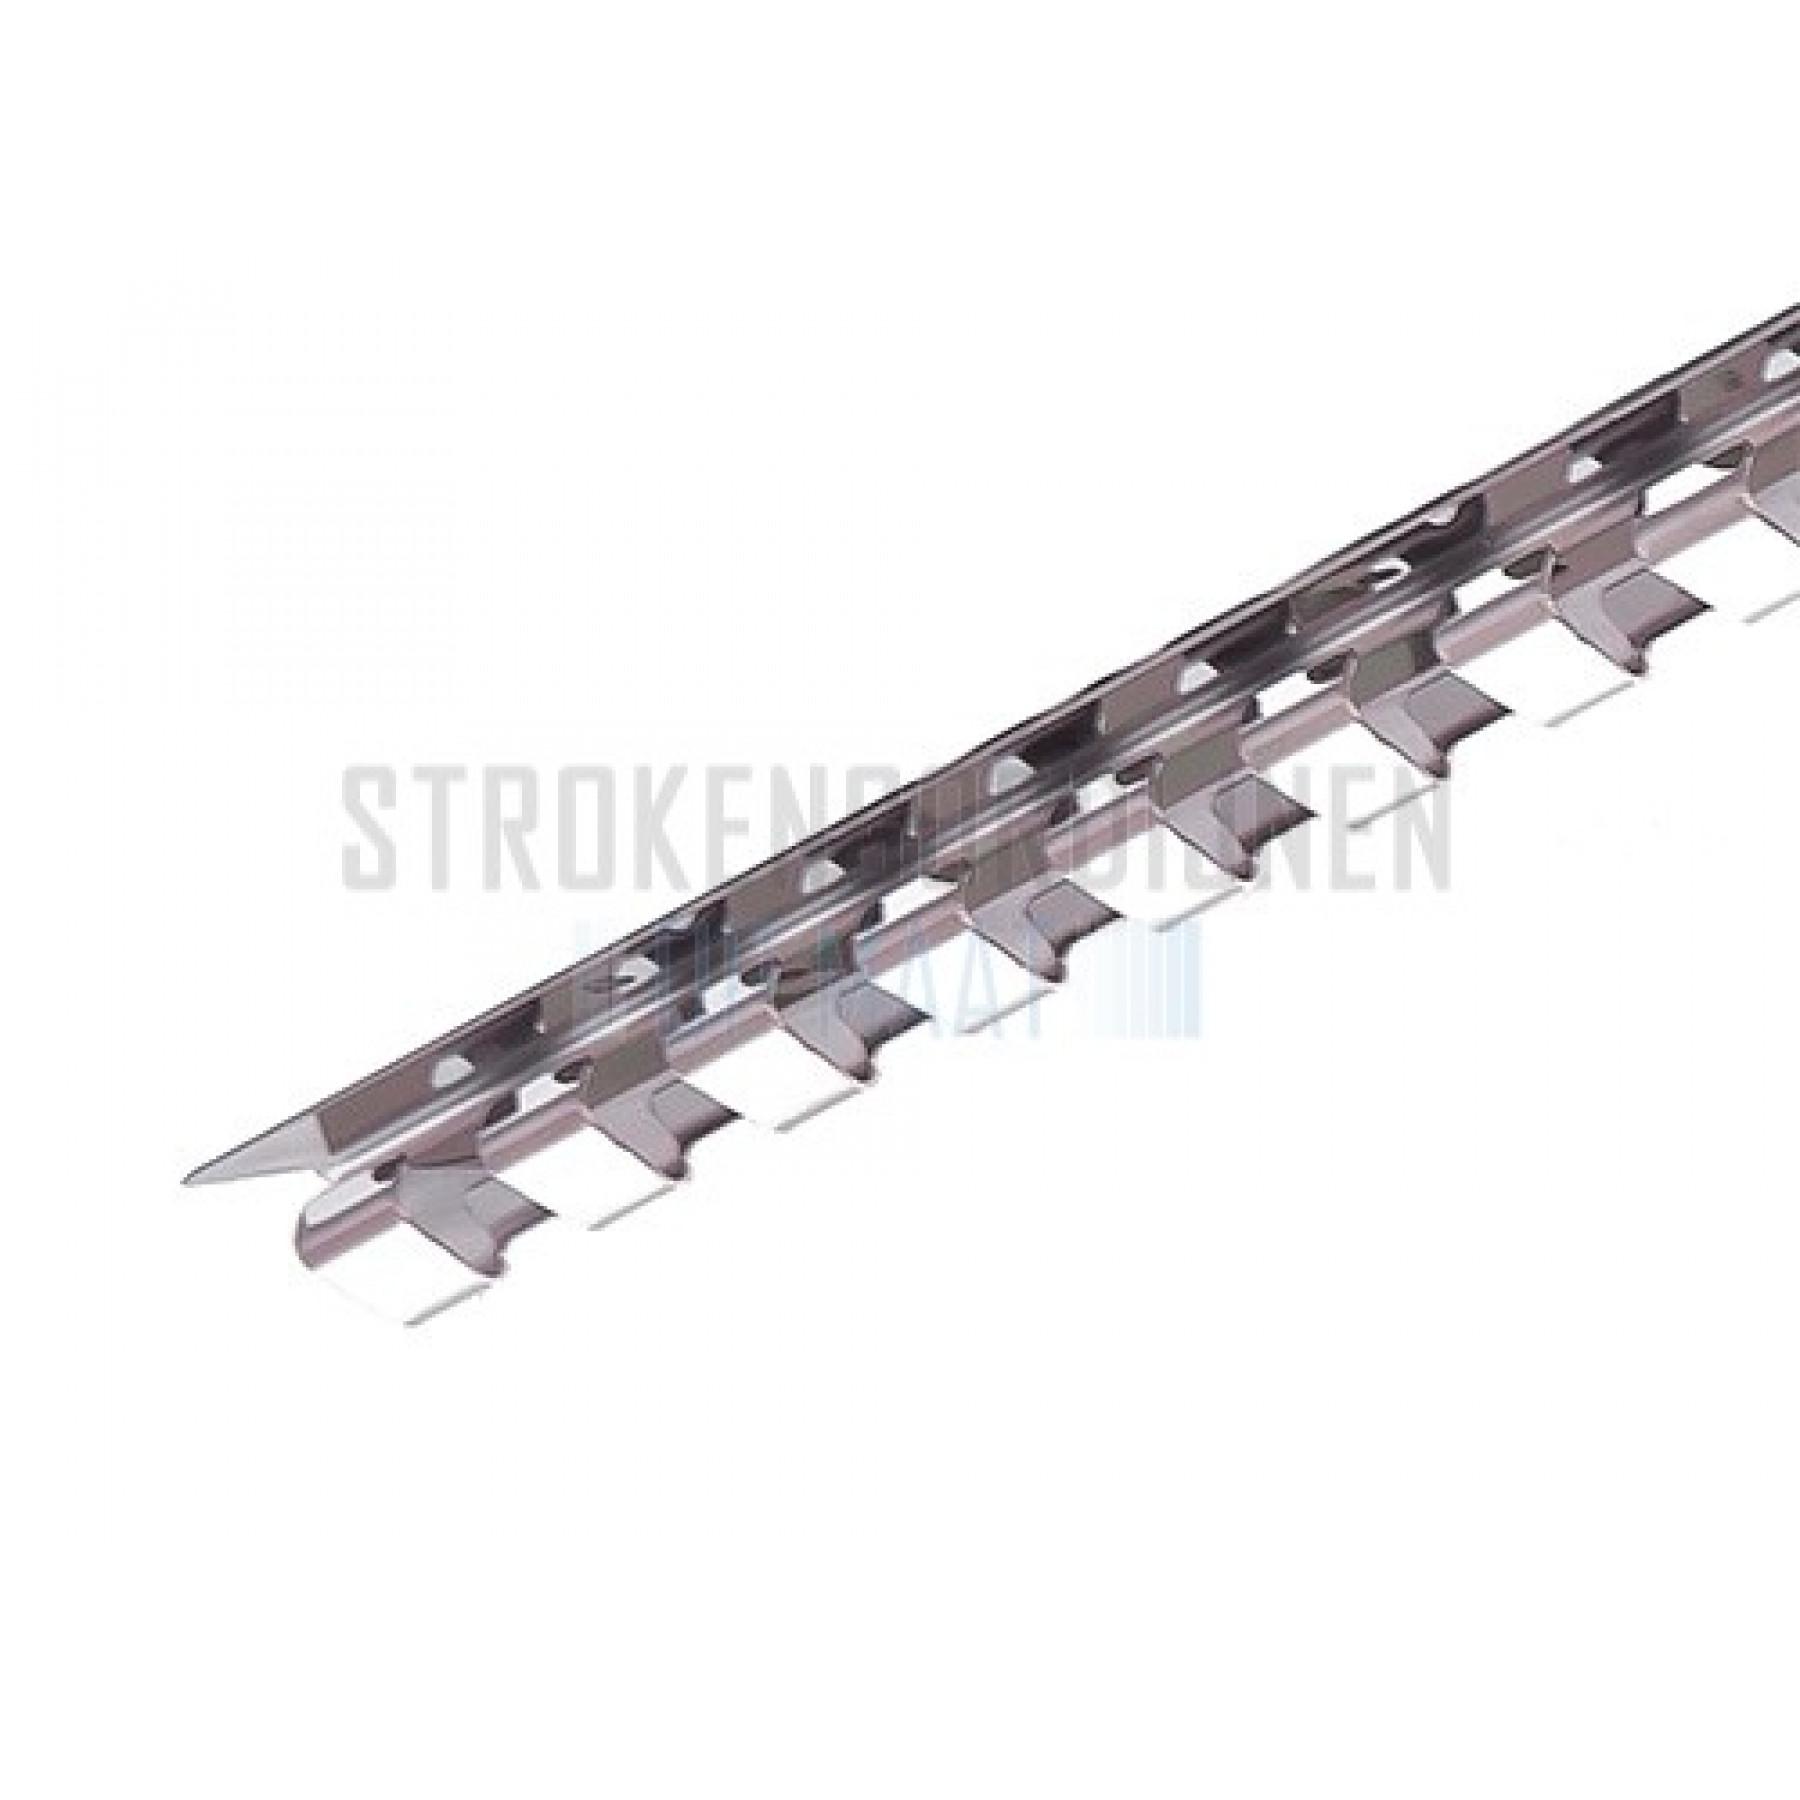 Aufhängesystem, Rostfrei Stahl, 1230 mm lang